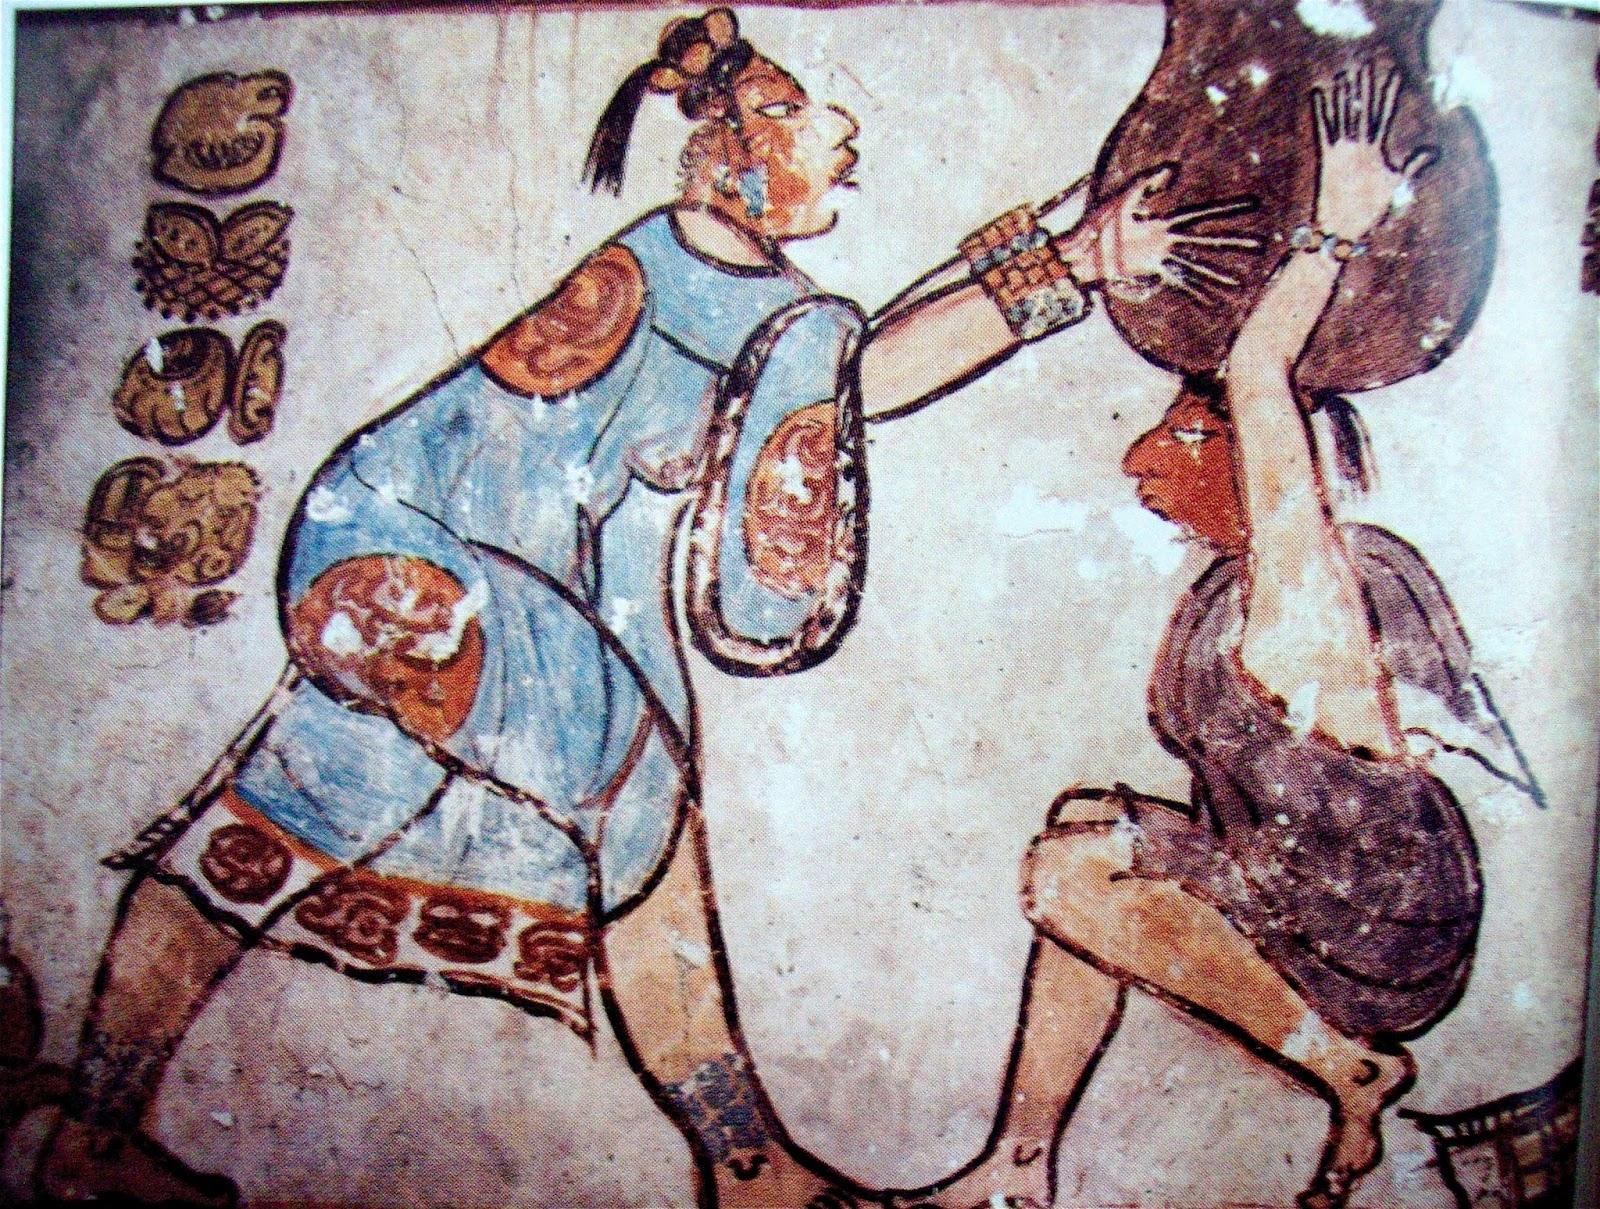 Literatura y mundo maya curso los murales mesoamericanos for El mural de bonampak